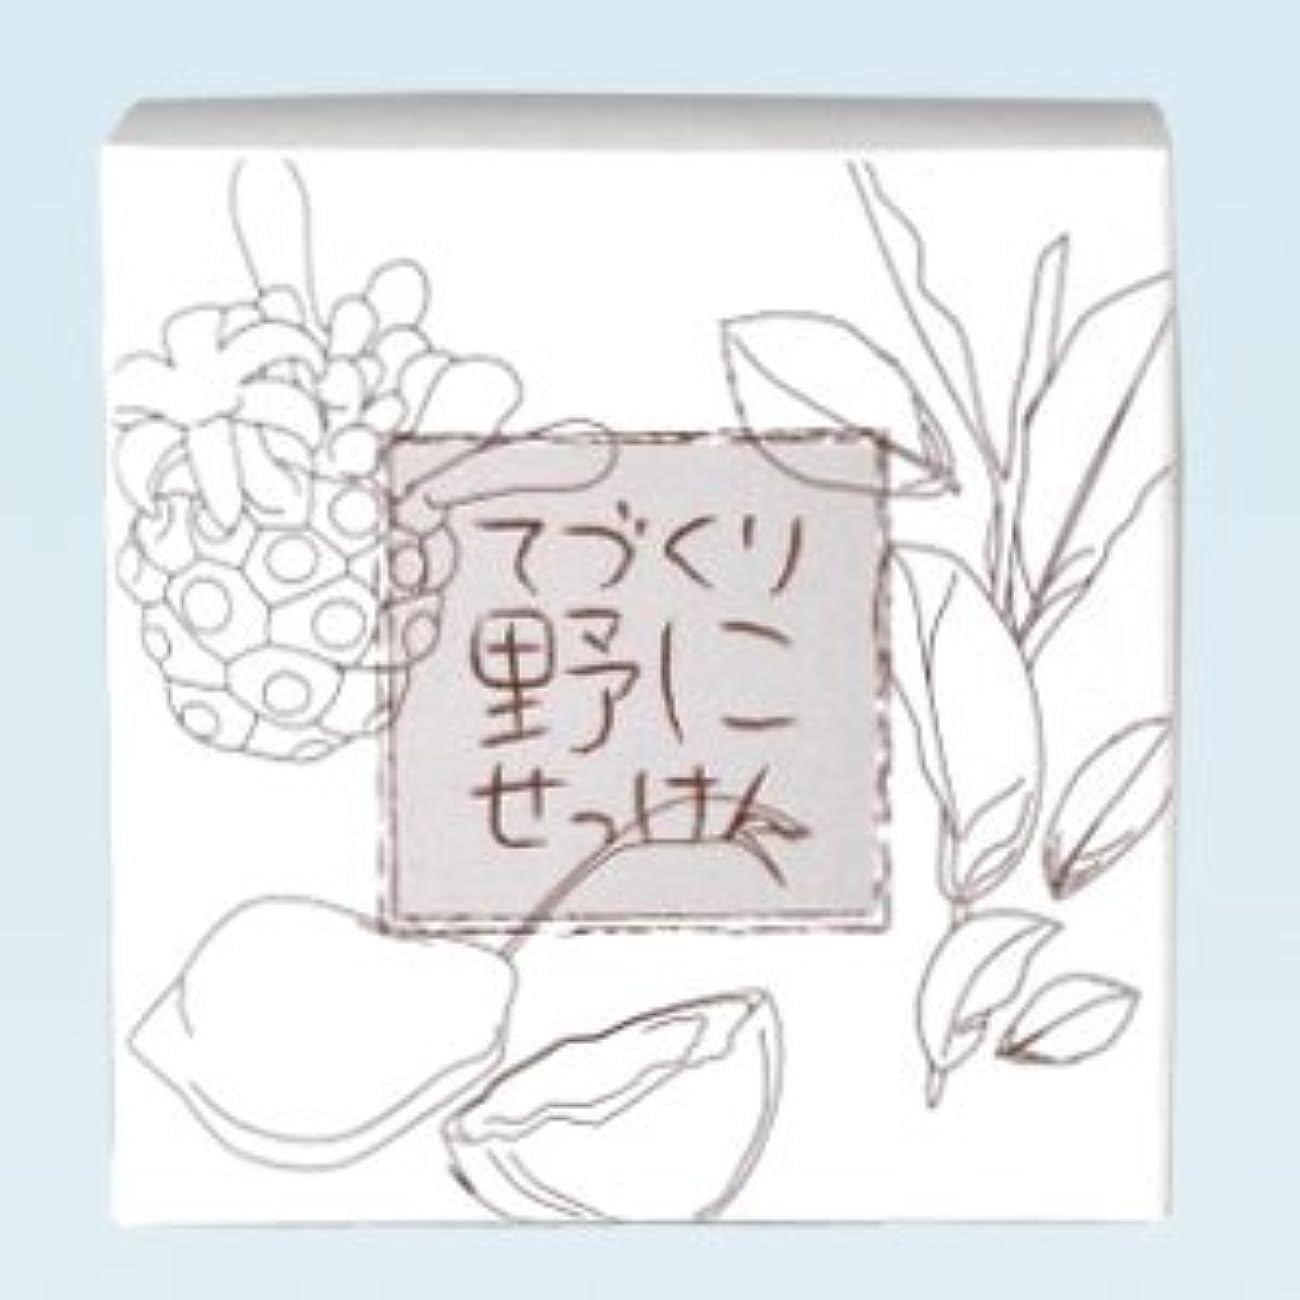 安らぎそれに応じて精度緑茶ノニ石鹸 てづくり野にせっけん(115g)